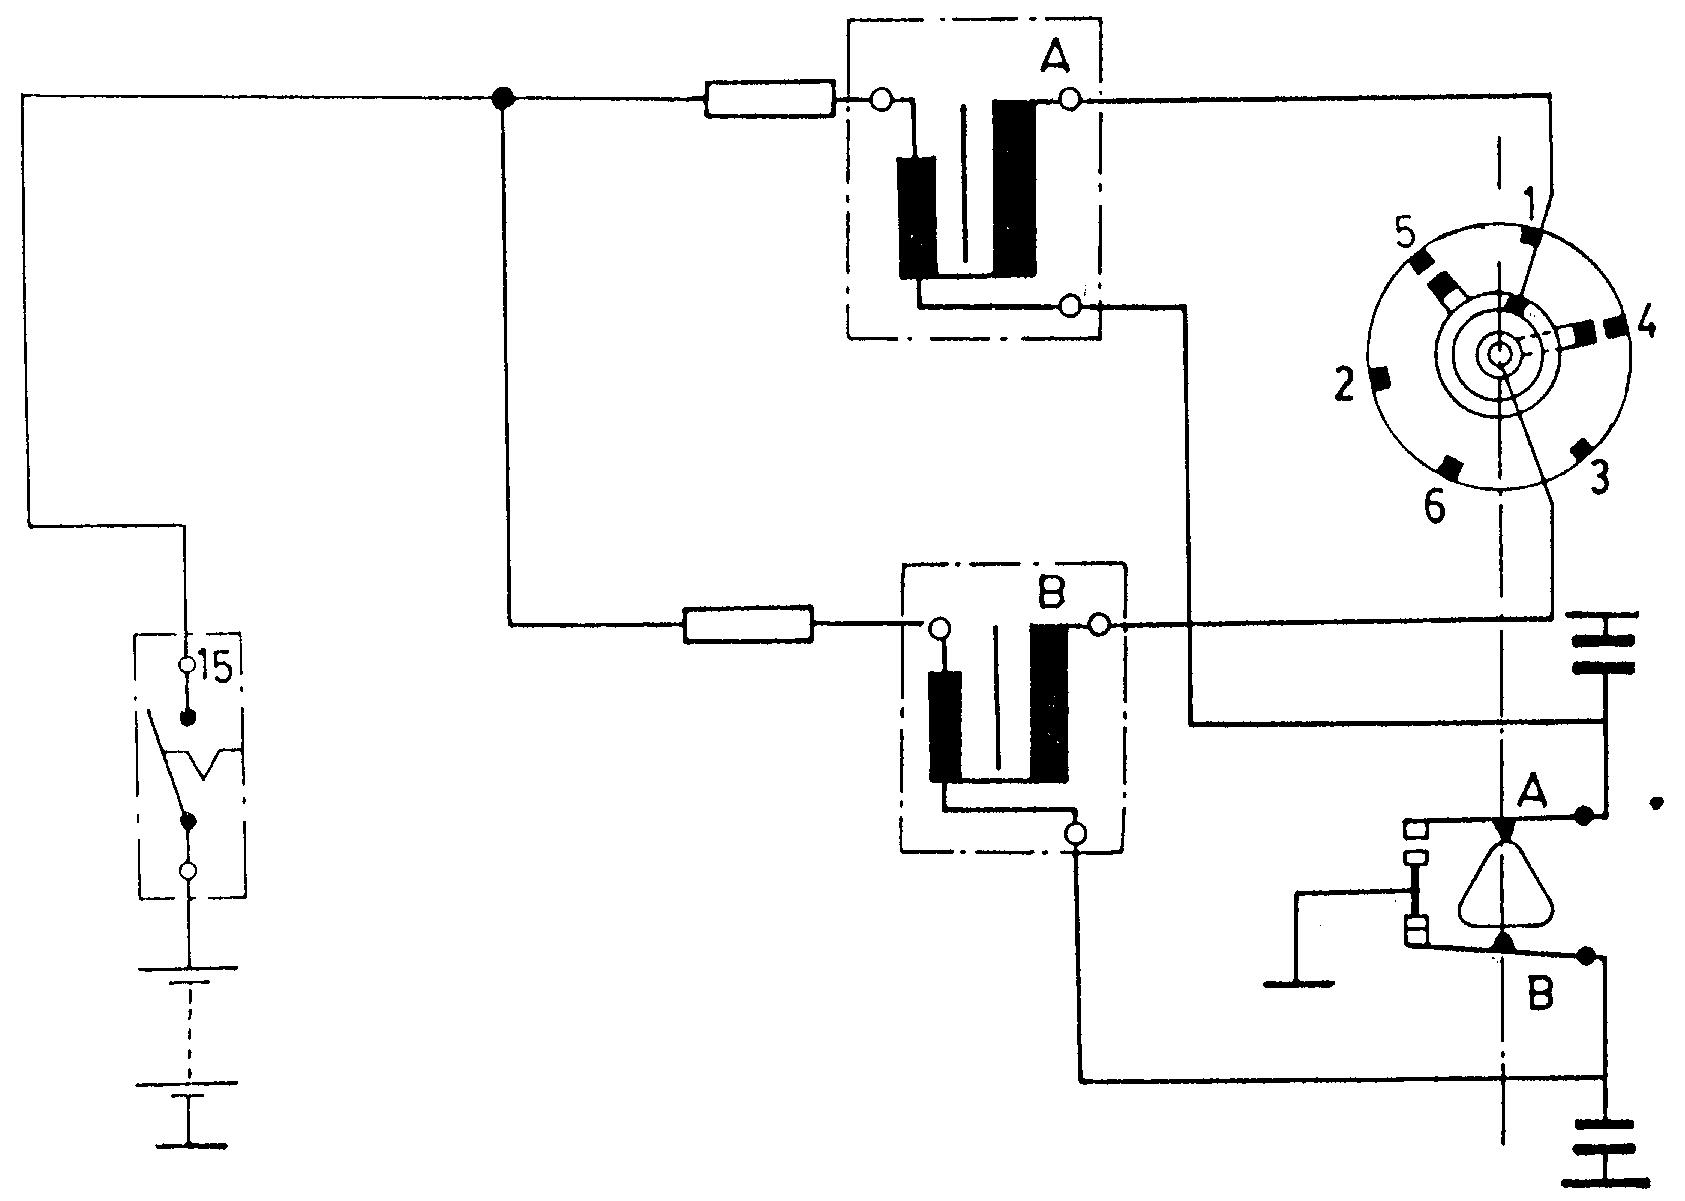 Gambar Wering Diagram Sistem Penerangan Sepeda Motor Honda